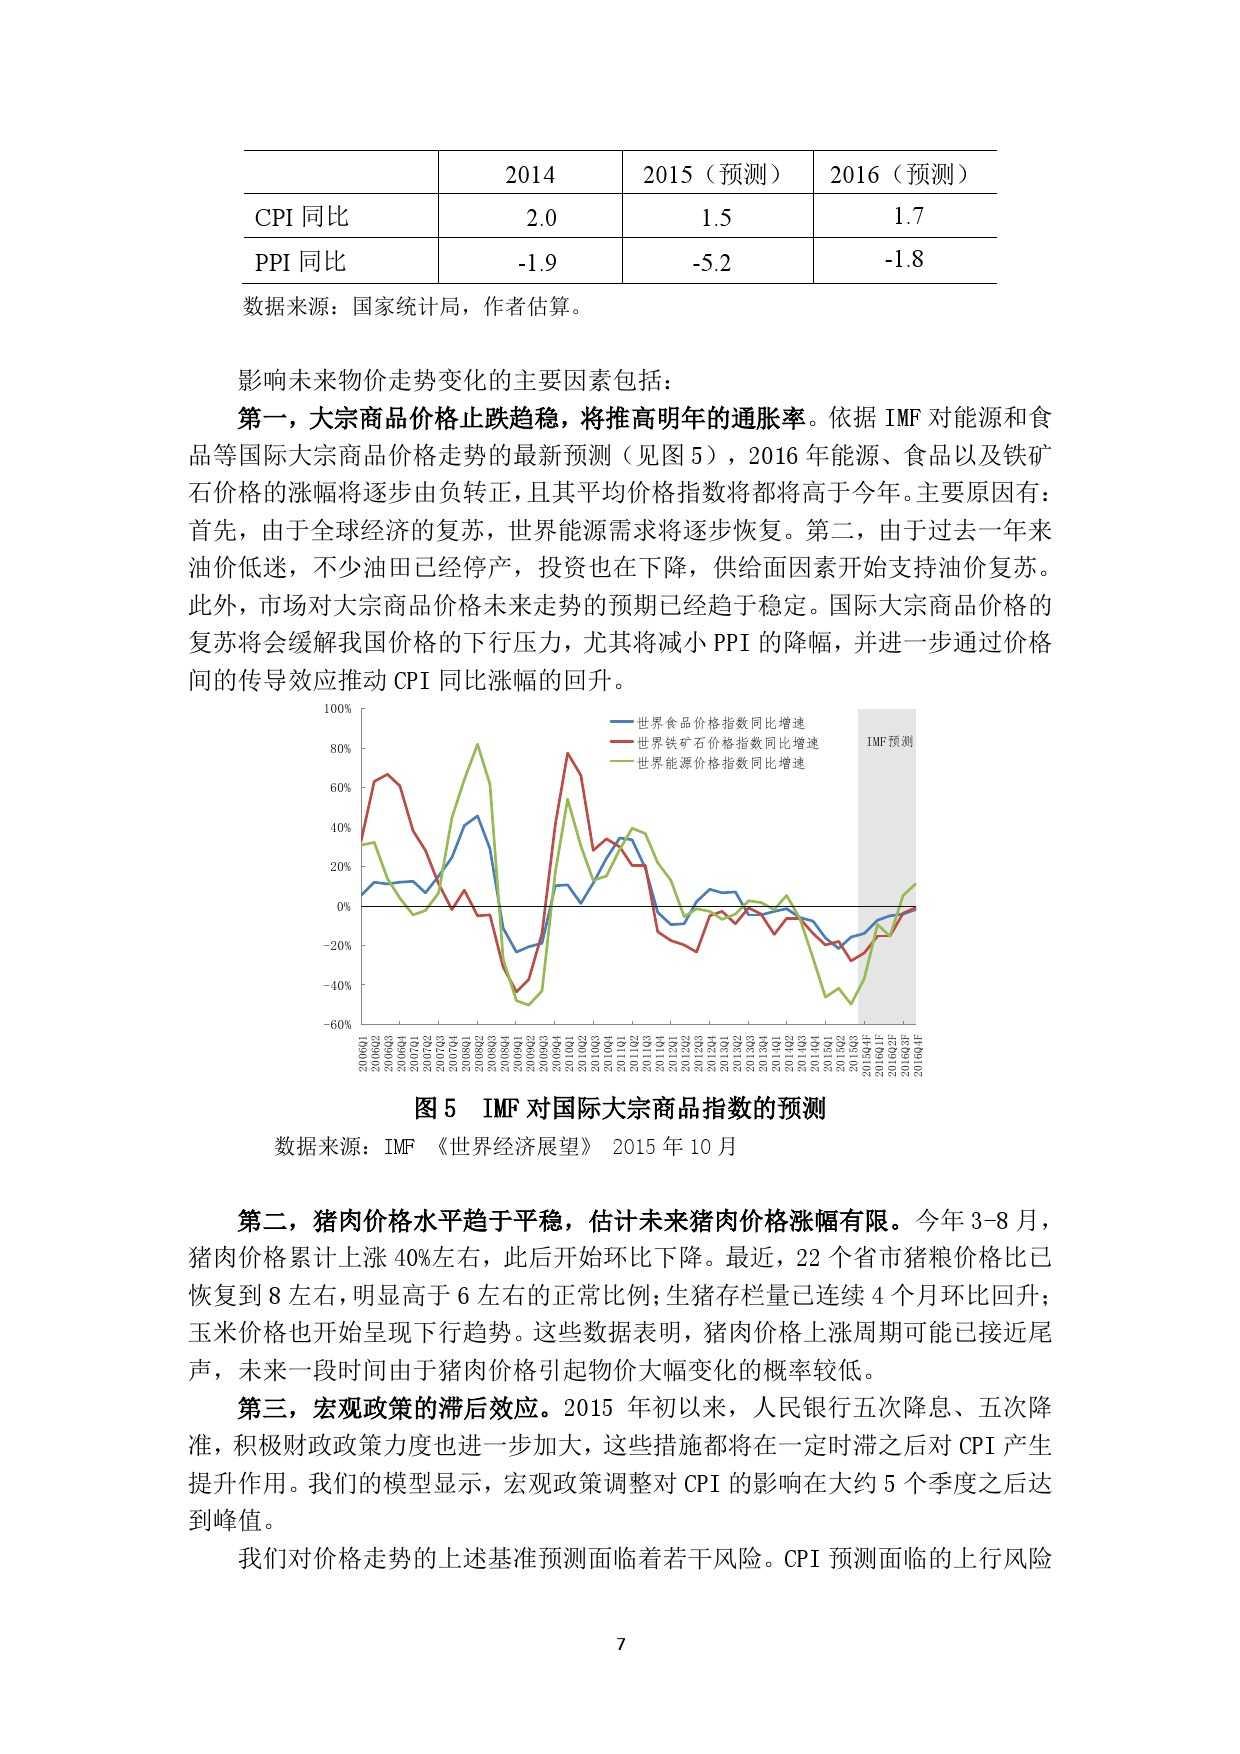 中国人民银行:2016 年中国宏观经济预测_000007